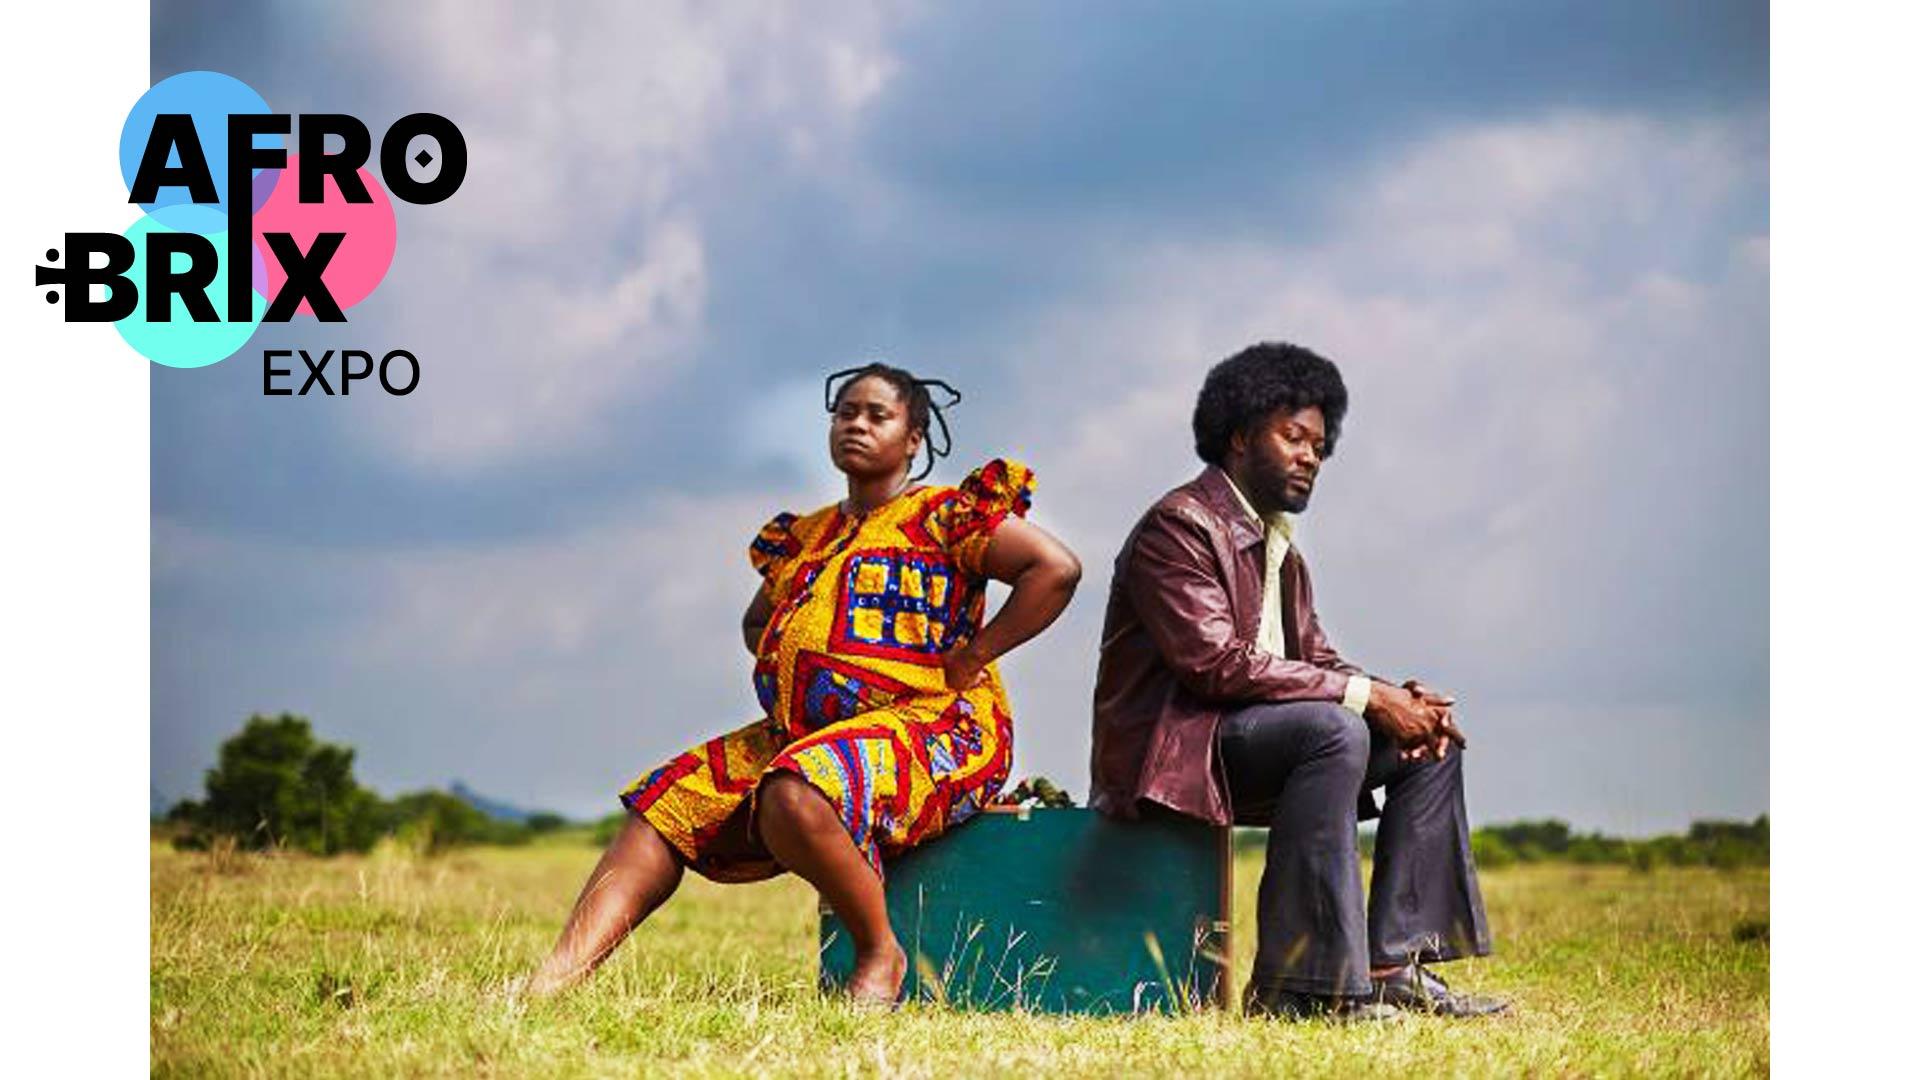 venerdì 4 settembre la prima edizione di Afrobrix, il festival multiculturale dedicato alla musica, cinema, arte, teatro e cultura afrodiscendente.